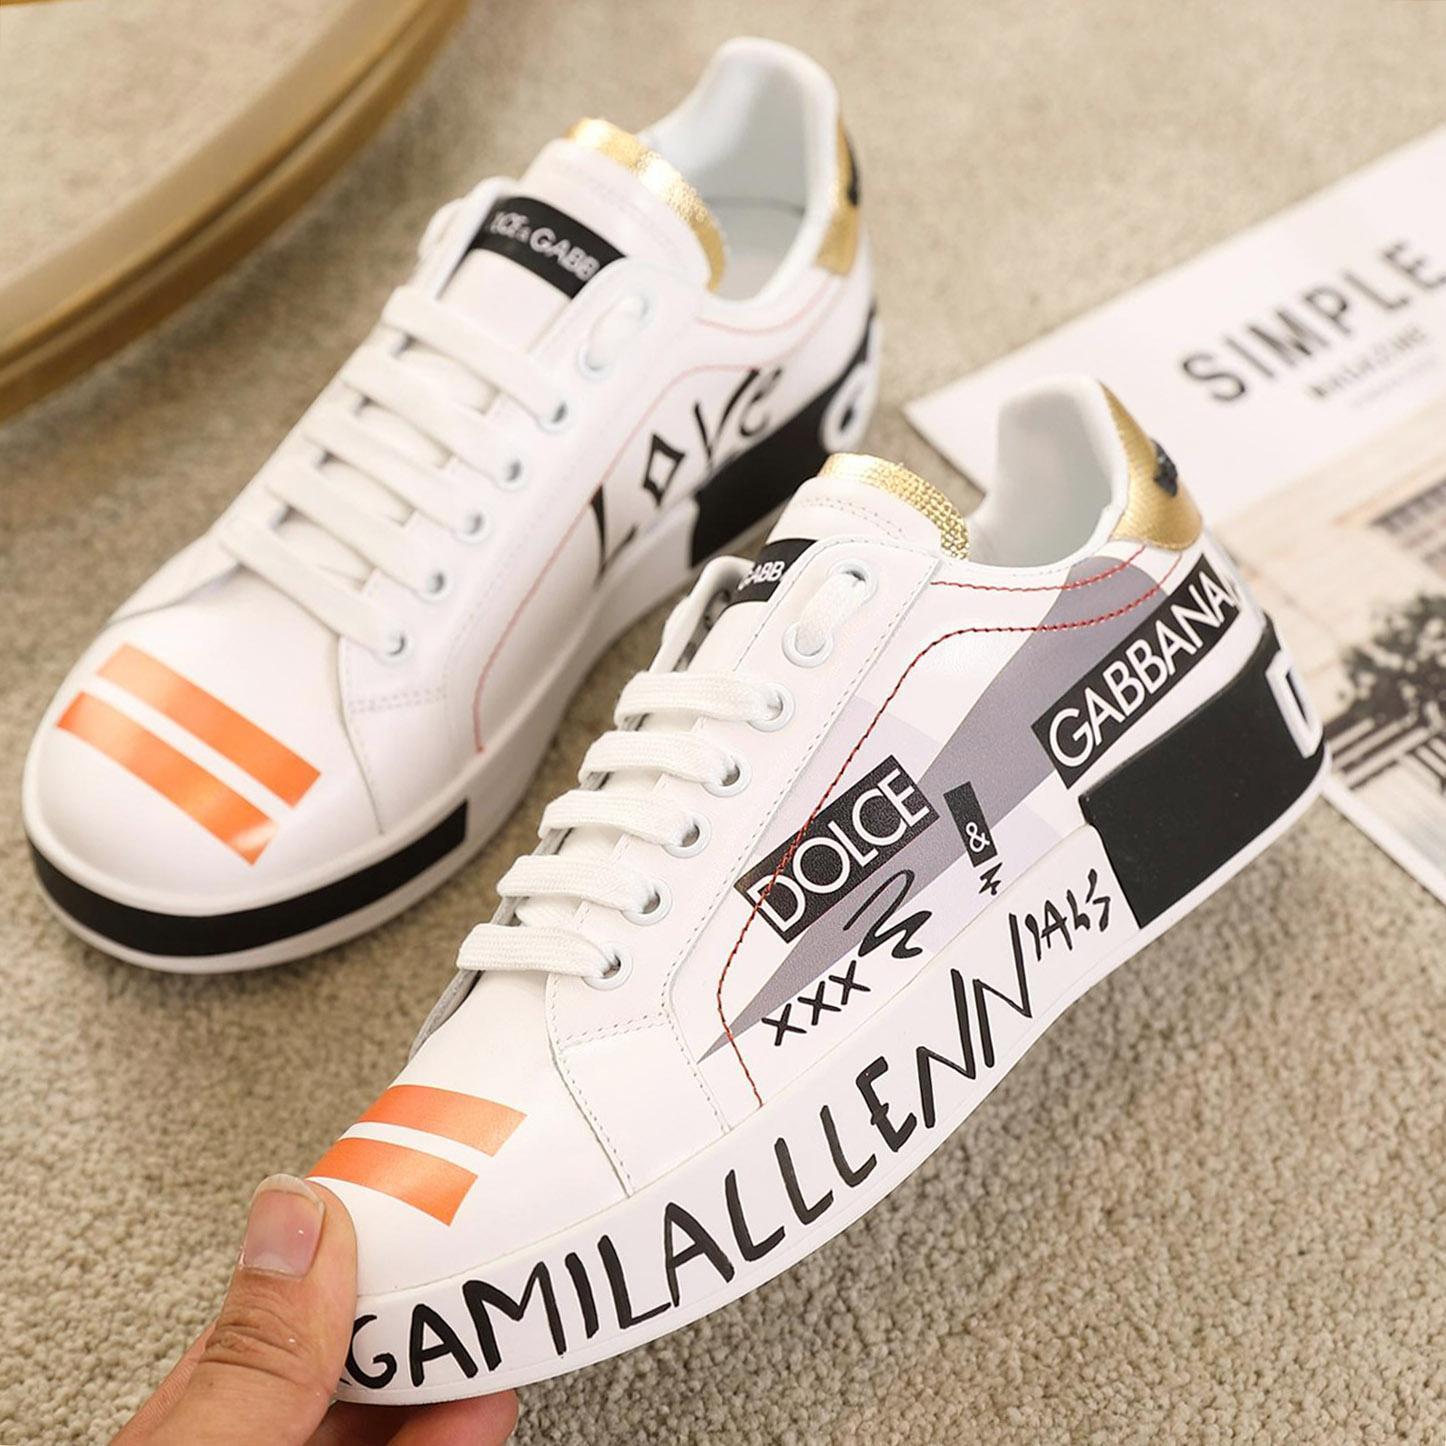 hommes et femmes haut luxe limitées chaussures en cuir décontractée, chaussures couple de motif d'impression de haute qualité des chaussures de sport mode sauvage Taille: 35-45 0045